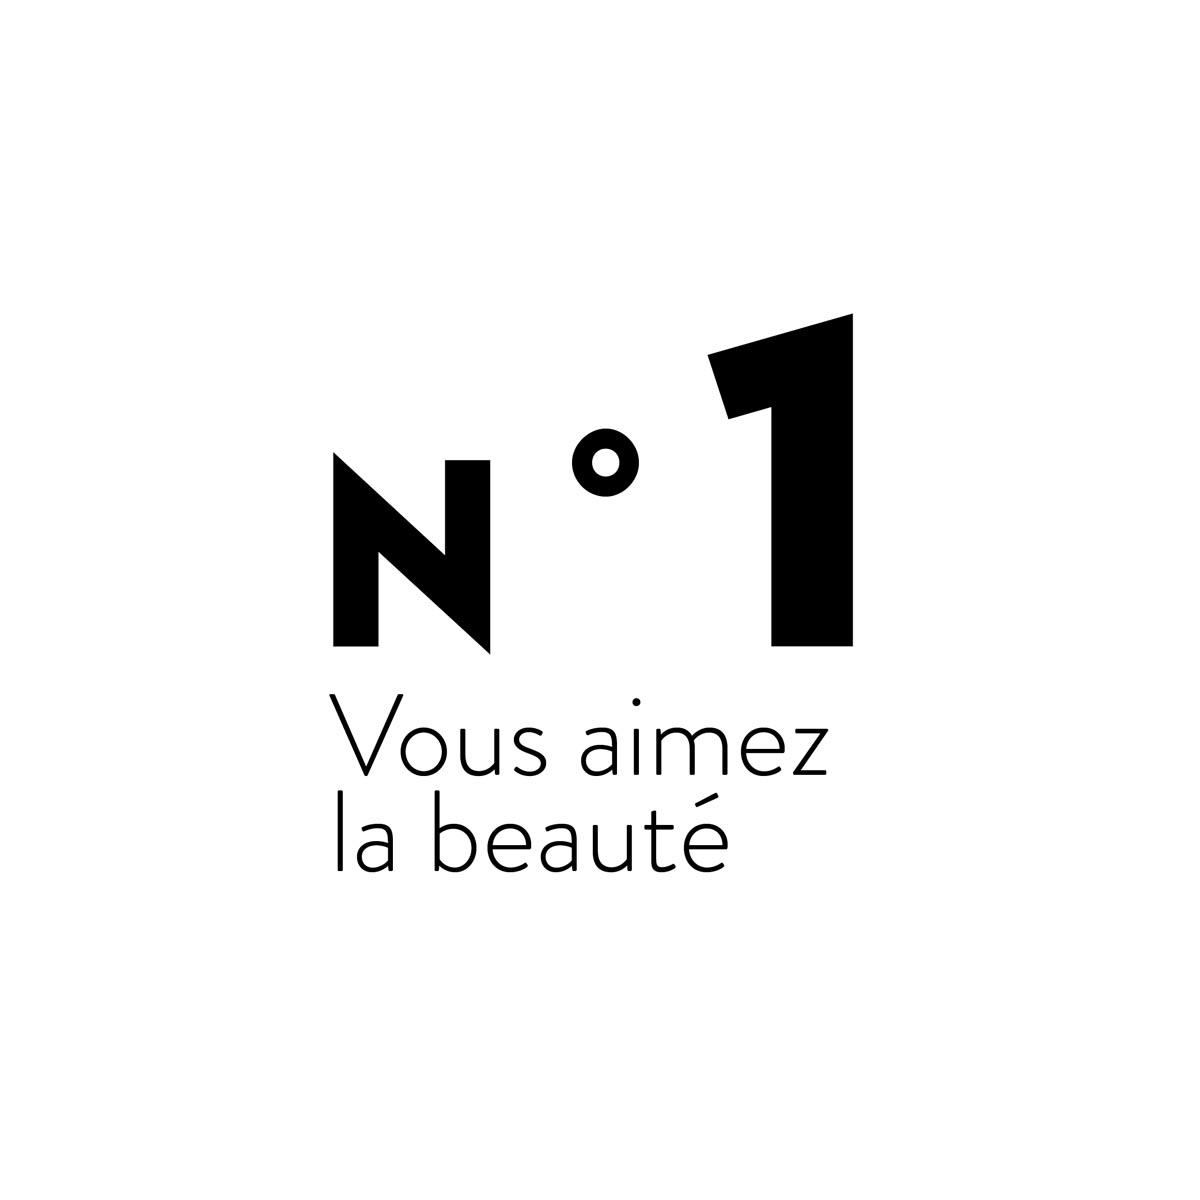 Vous aimez la beauté - Vous aimez les belles choses. Vous cherchez et trouvez la beauté partout : dans la nature, les personnes, l'architecture, le design. Pour vous, la beauté n'est pas une option, c'est un mode de vie.